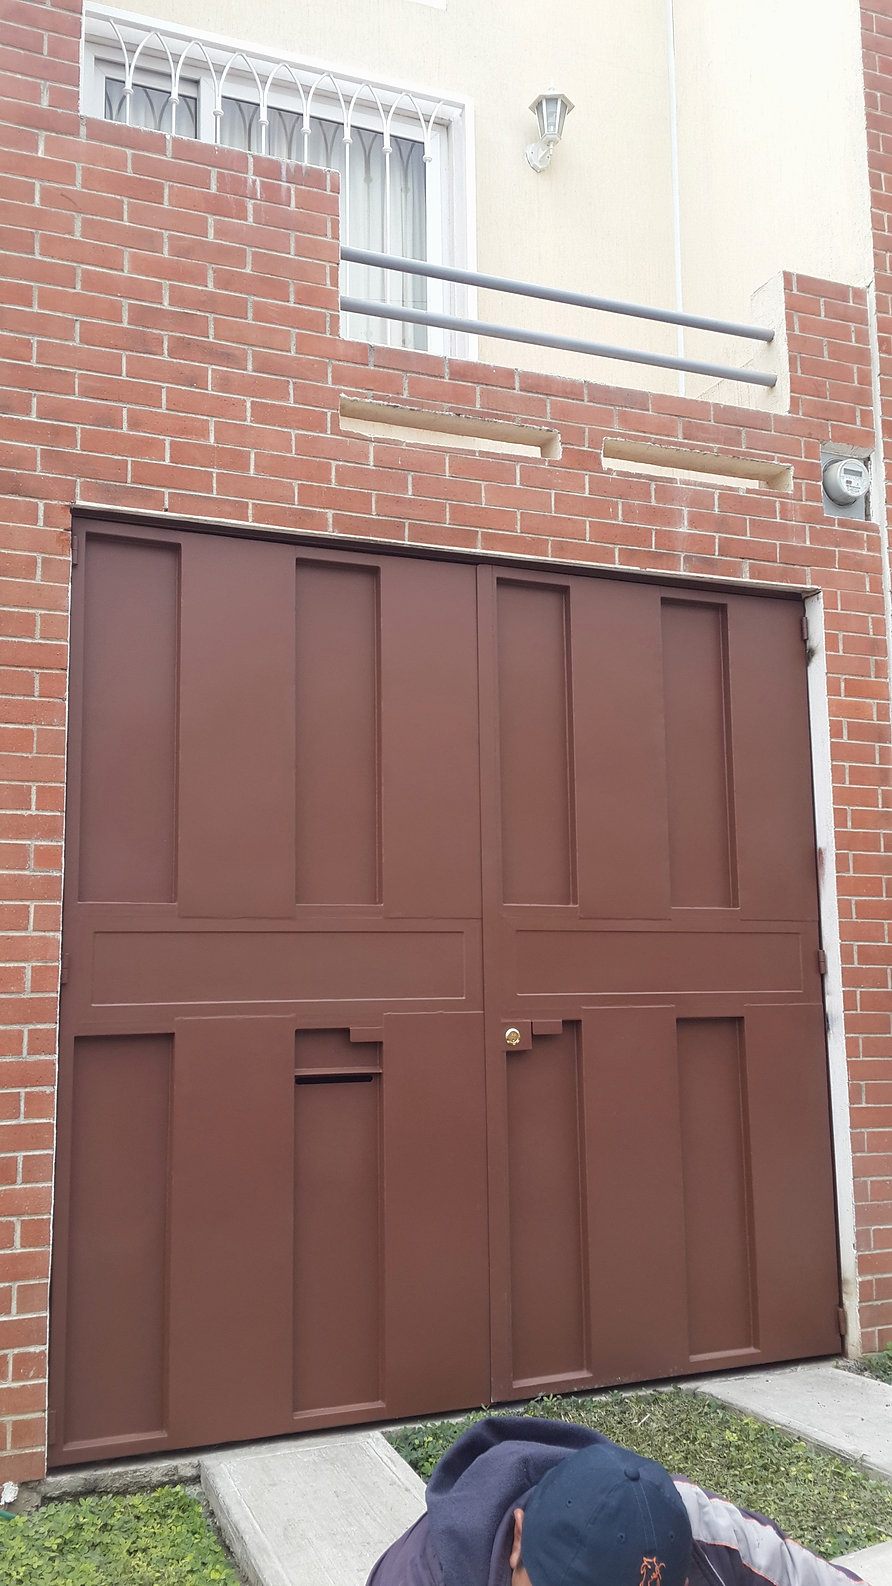 Fabrica de estructuras metalicas y herreria portones for Fotos de puertas de metal